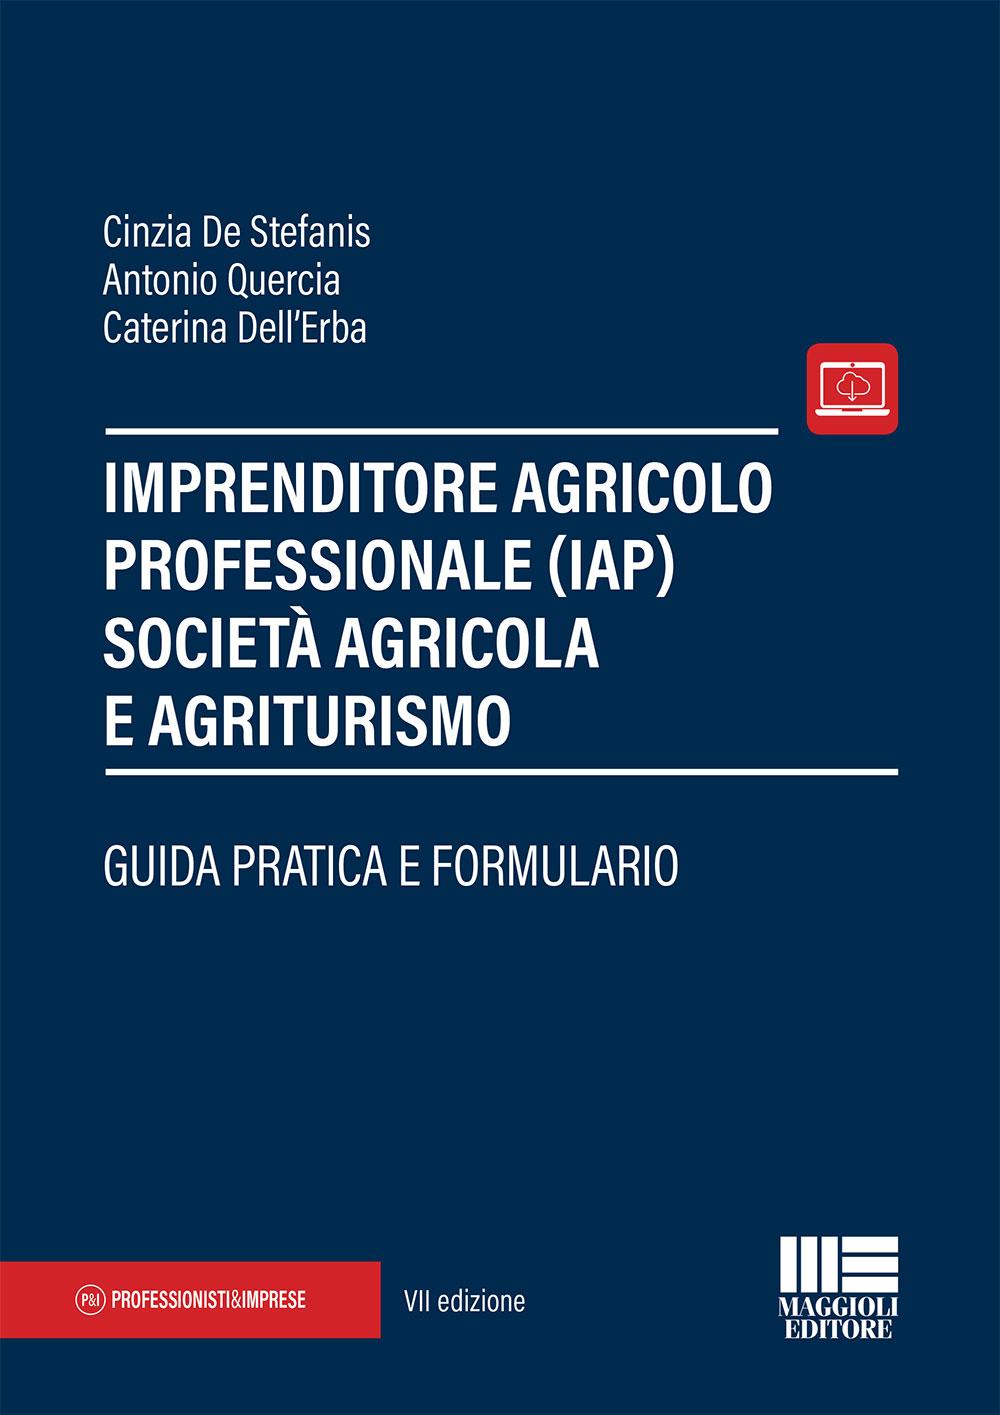 Imprenditore agricolo professionale (IAP) e società